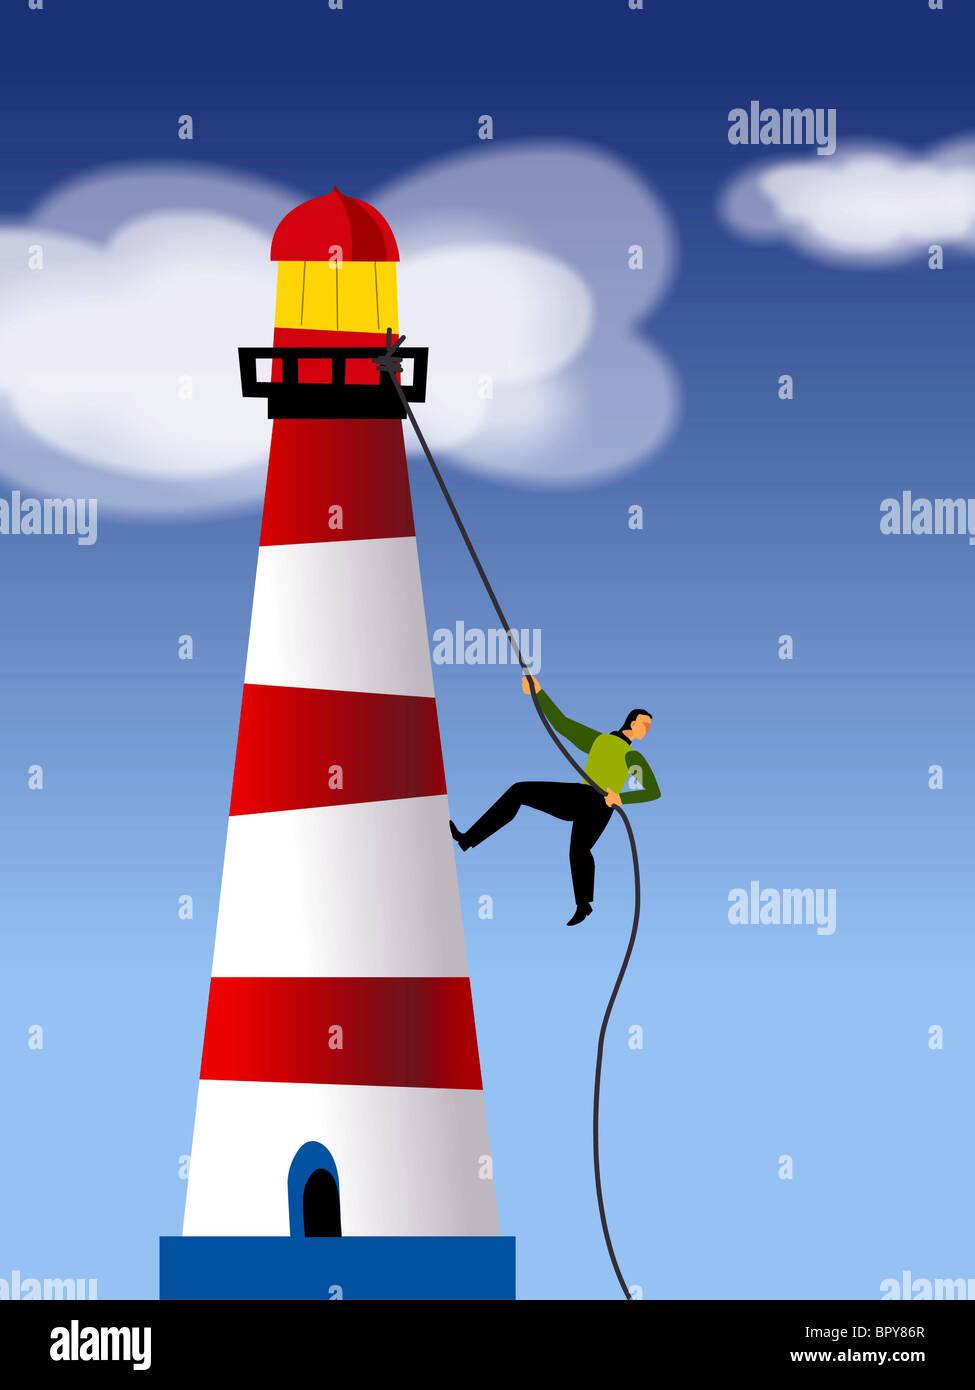 Un empresario de cuerda de escalada una casa ligera Imagen De Stock